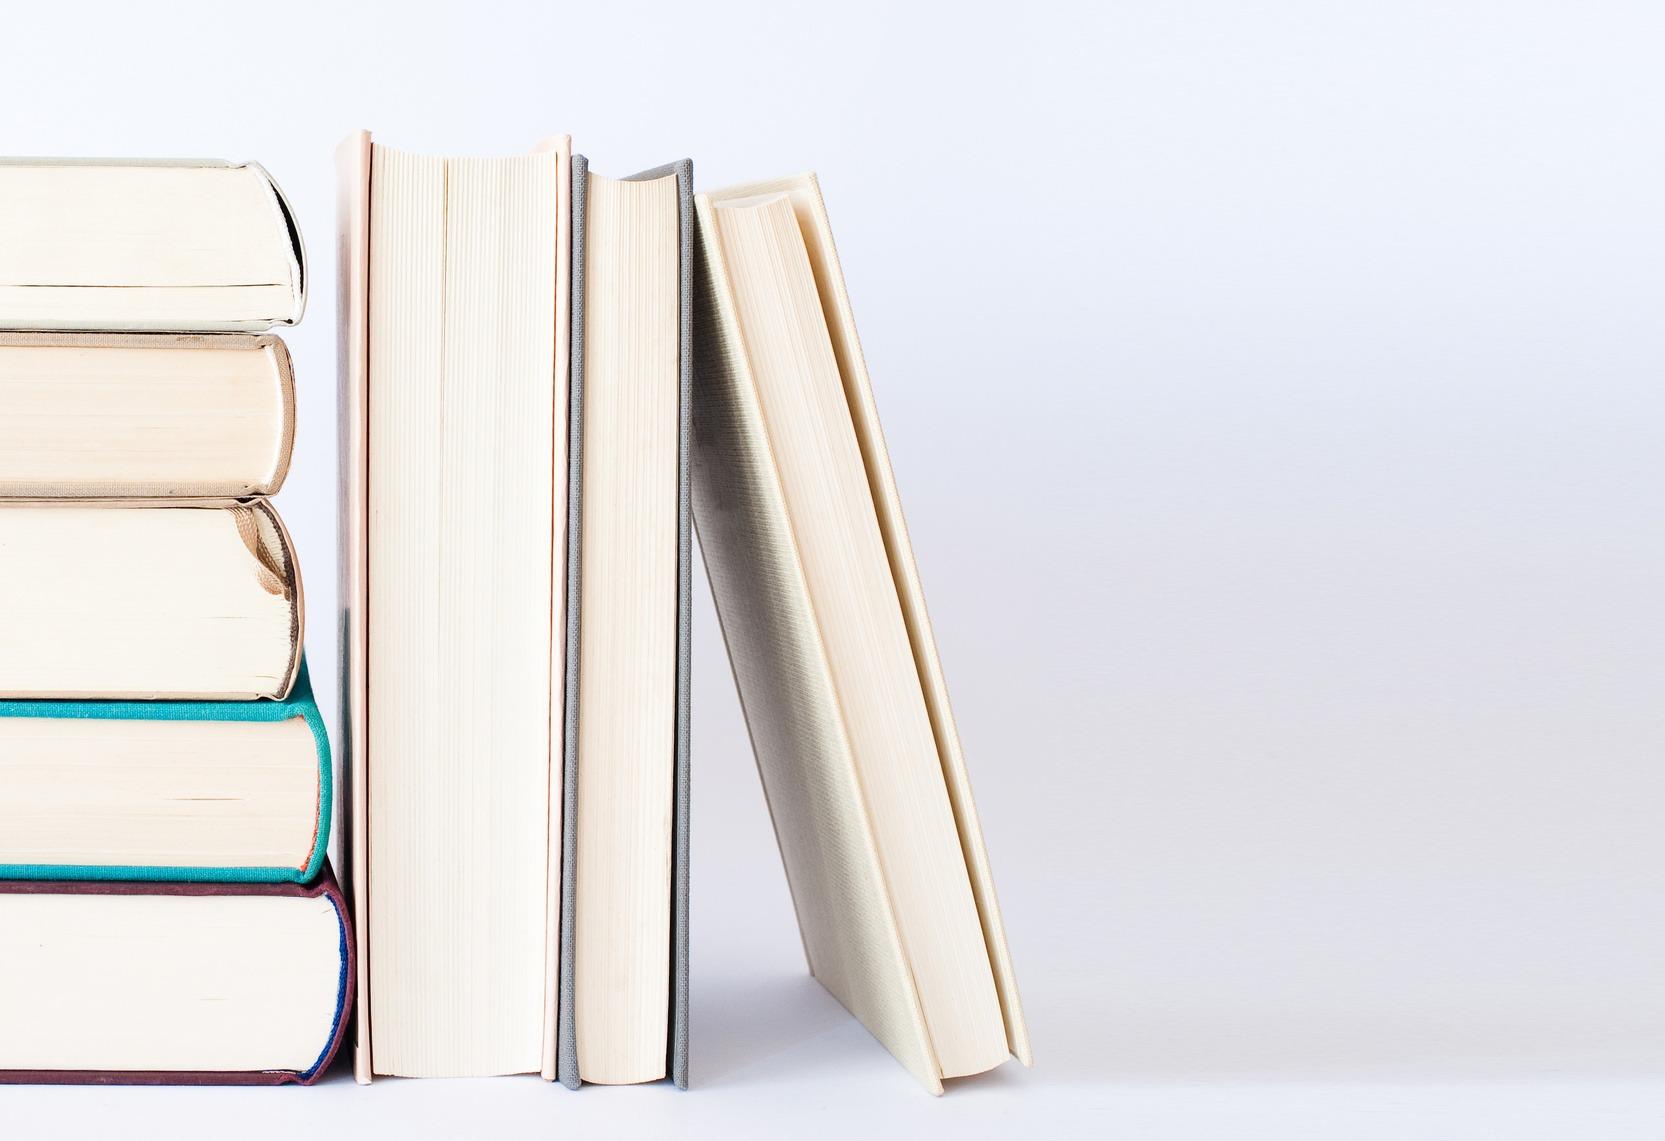 Ein Stapel Bücher vor weißem Hintergrund.